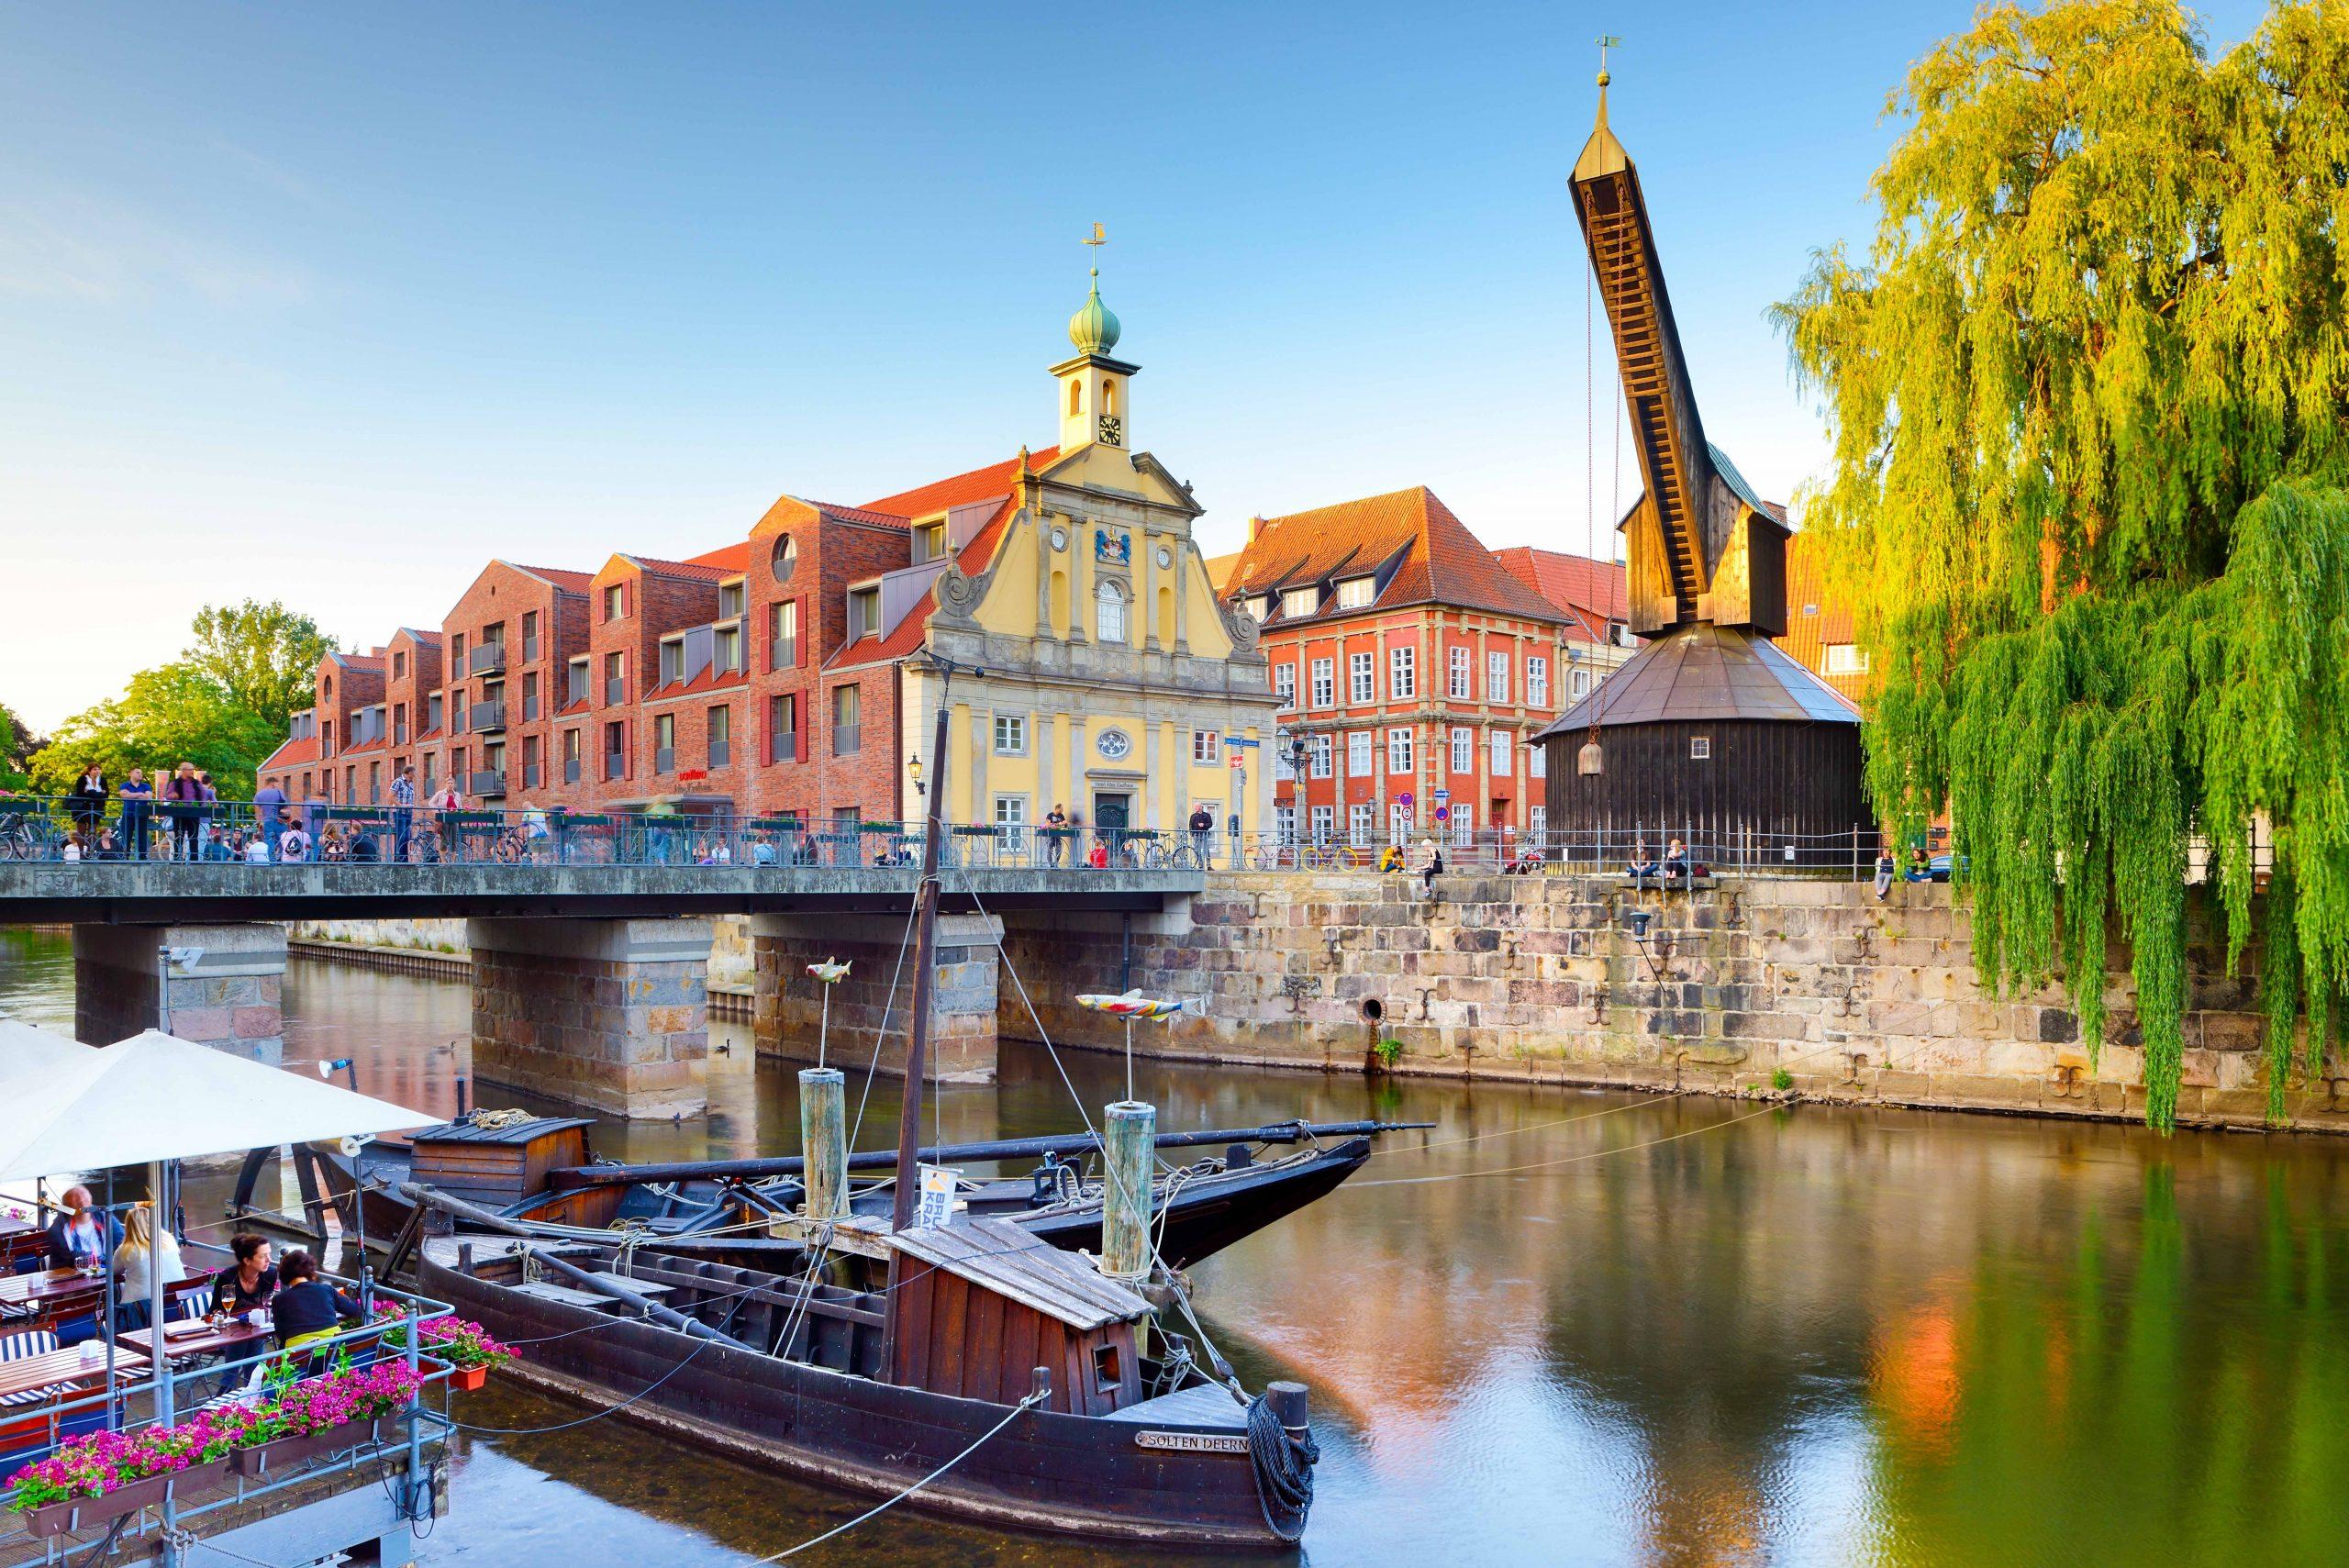 Lüneburg er blandt attraktionerne i Niedersachsen. Historisk kyndige ved, at det var på Lüneburger Heide, at tyskerne under Anden Verdenskrig overgav sig i blandt andet Danmark til den britiske feltmarskal Montgomery. Pressefoto fra Deutsche Zentrale für Tourismus: Francesco Carovillano.